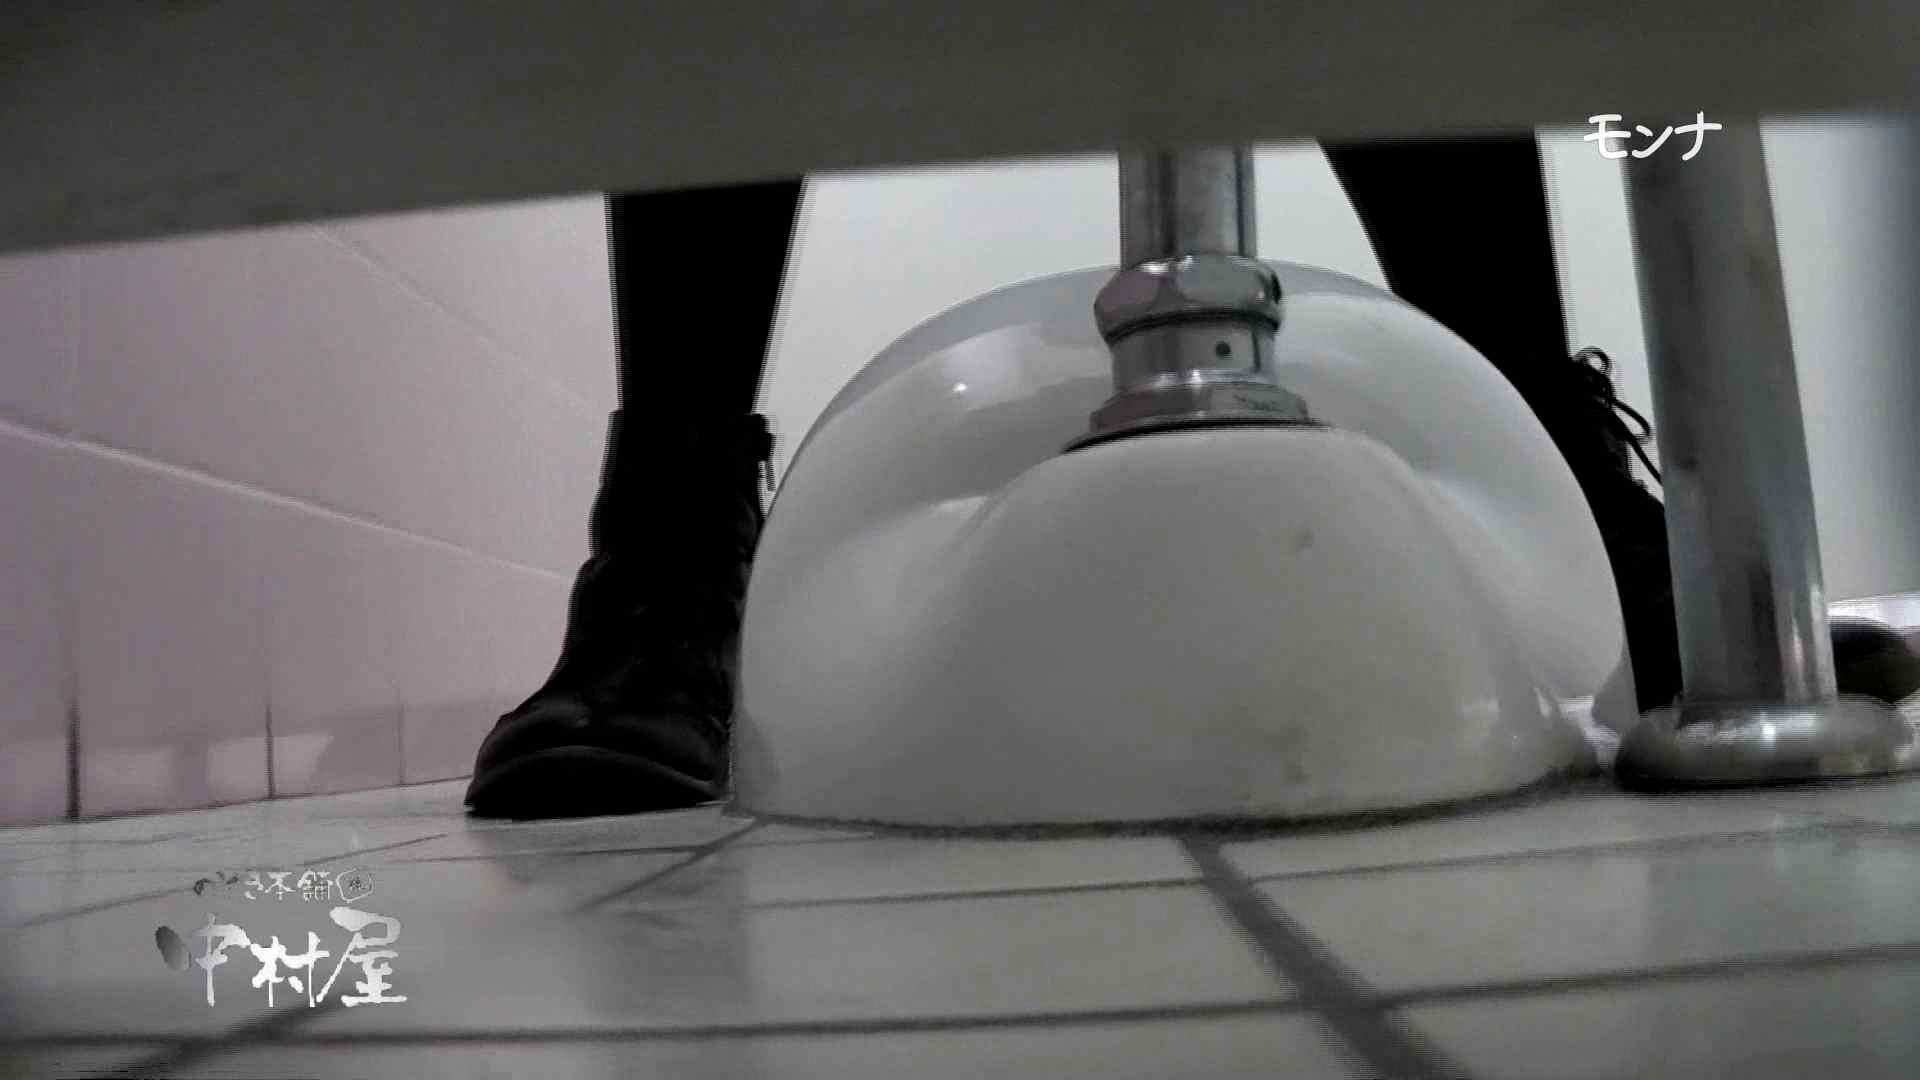 【美しい日本の未来】新学期!!下半身中心に攻めてます美女可愛い女子悪戯盗satuトイレ後編 悪戯 | 下半身  97pic 37